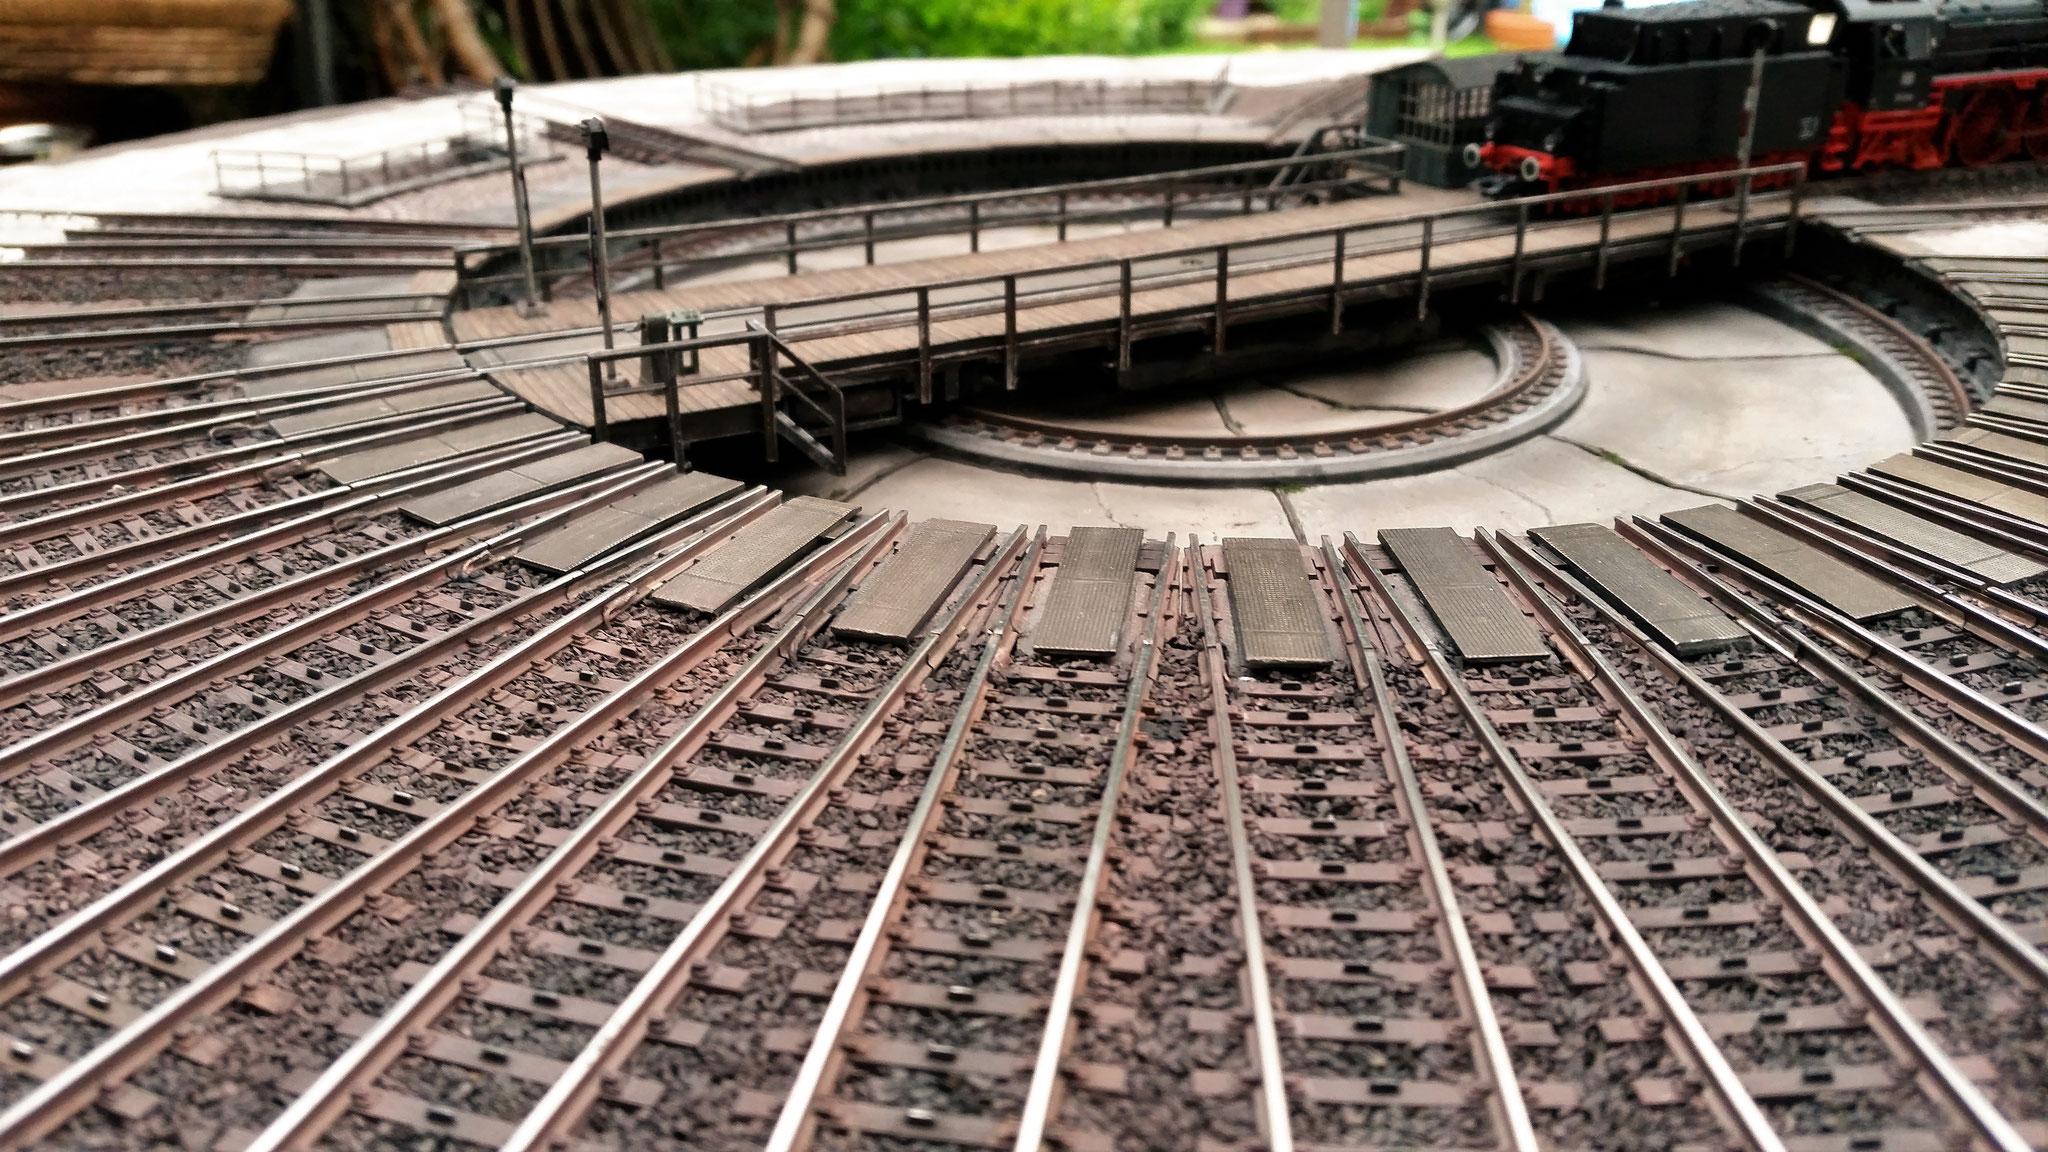 Alle Gleise wurden gealtert mit Rost und einer schmierigen Mischung aus schwarz/braun/ocker